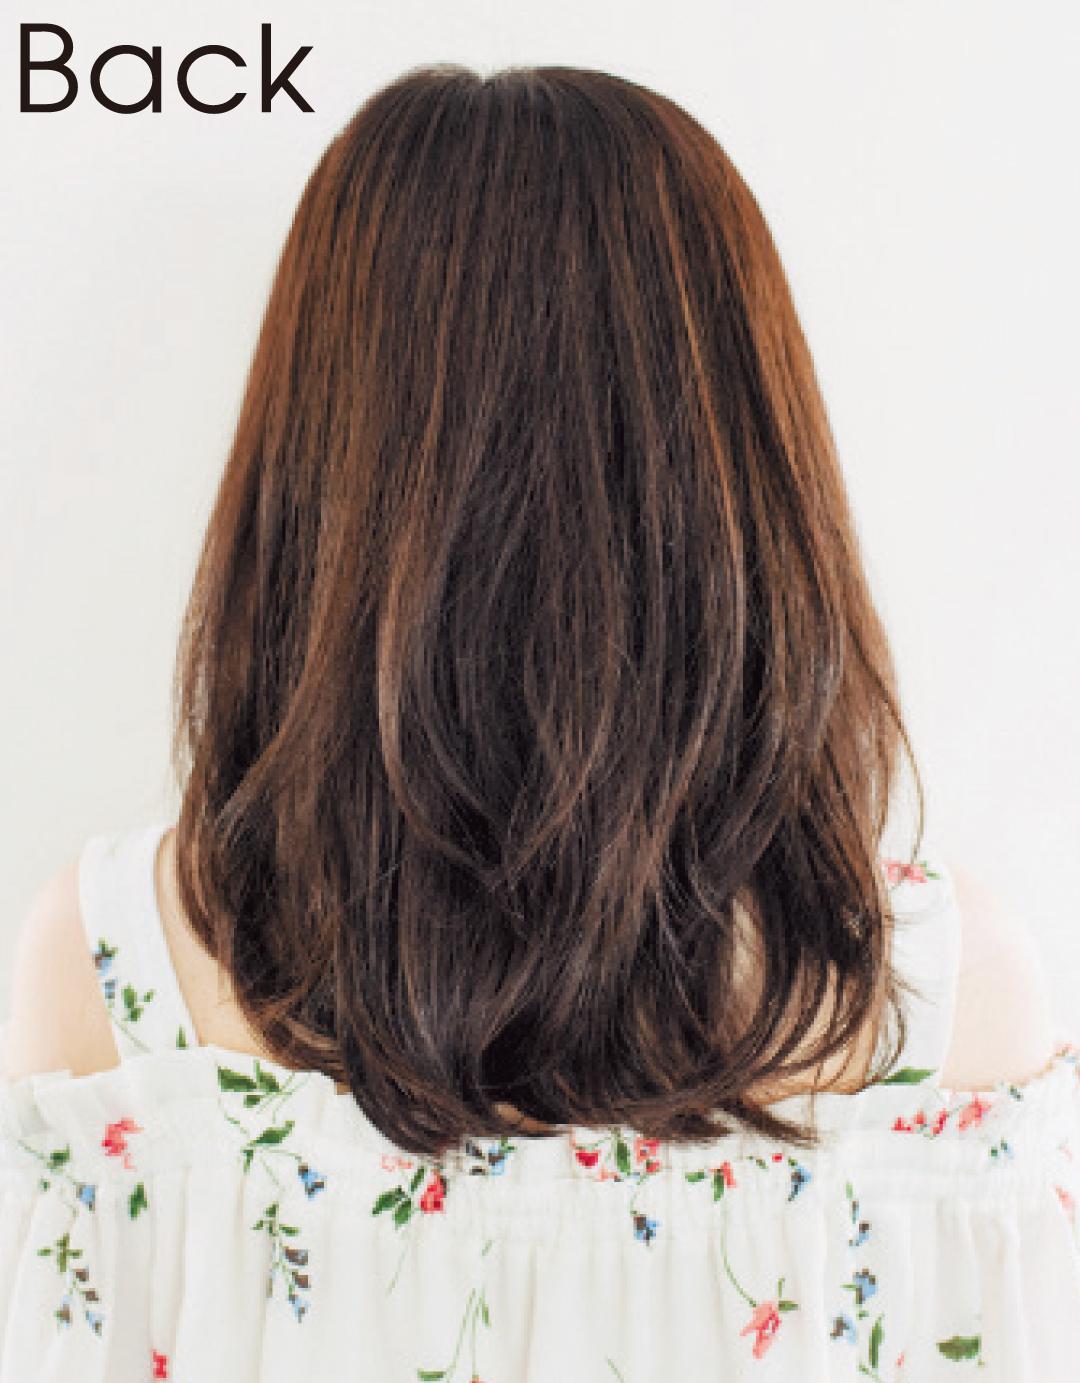 有村架純さんのヘアスタイルを大研究! キュートなミディアムならコチラ♡_1_6-2